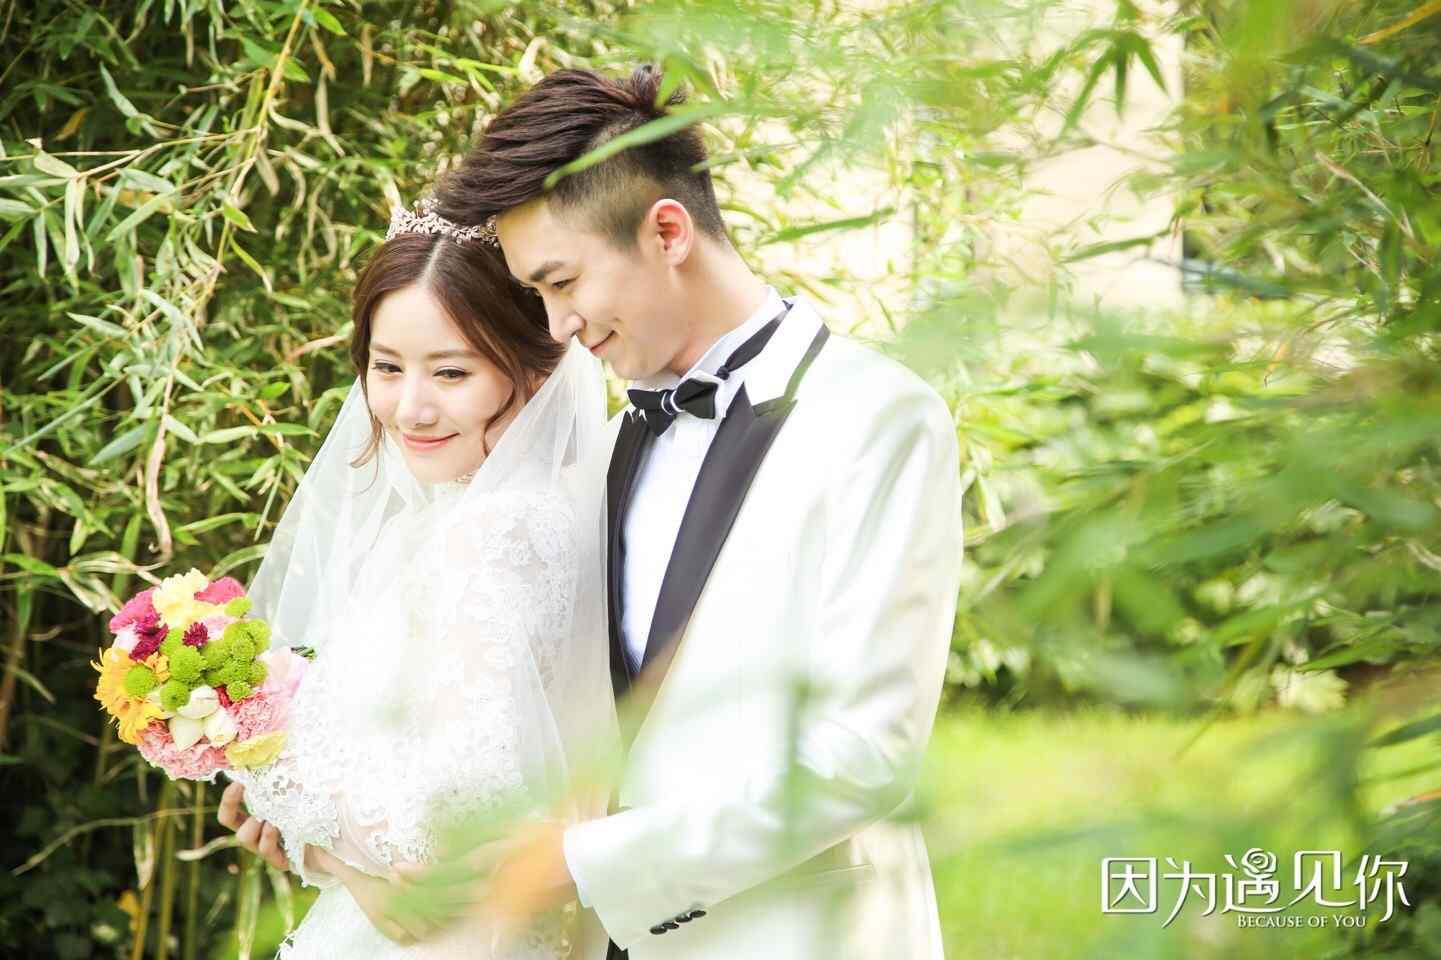 因为遇见你张雨欣陆思琛唯美婚照图片